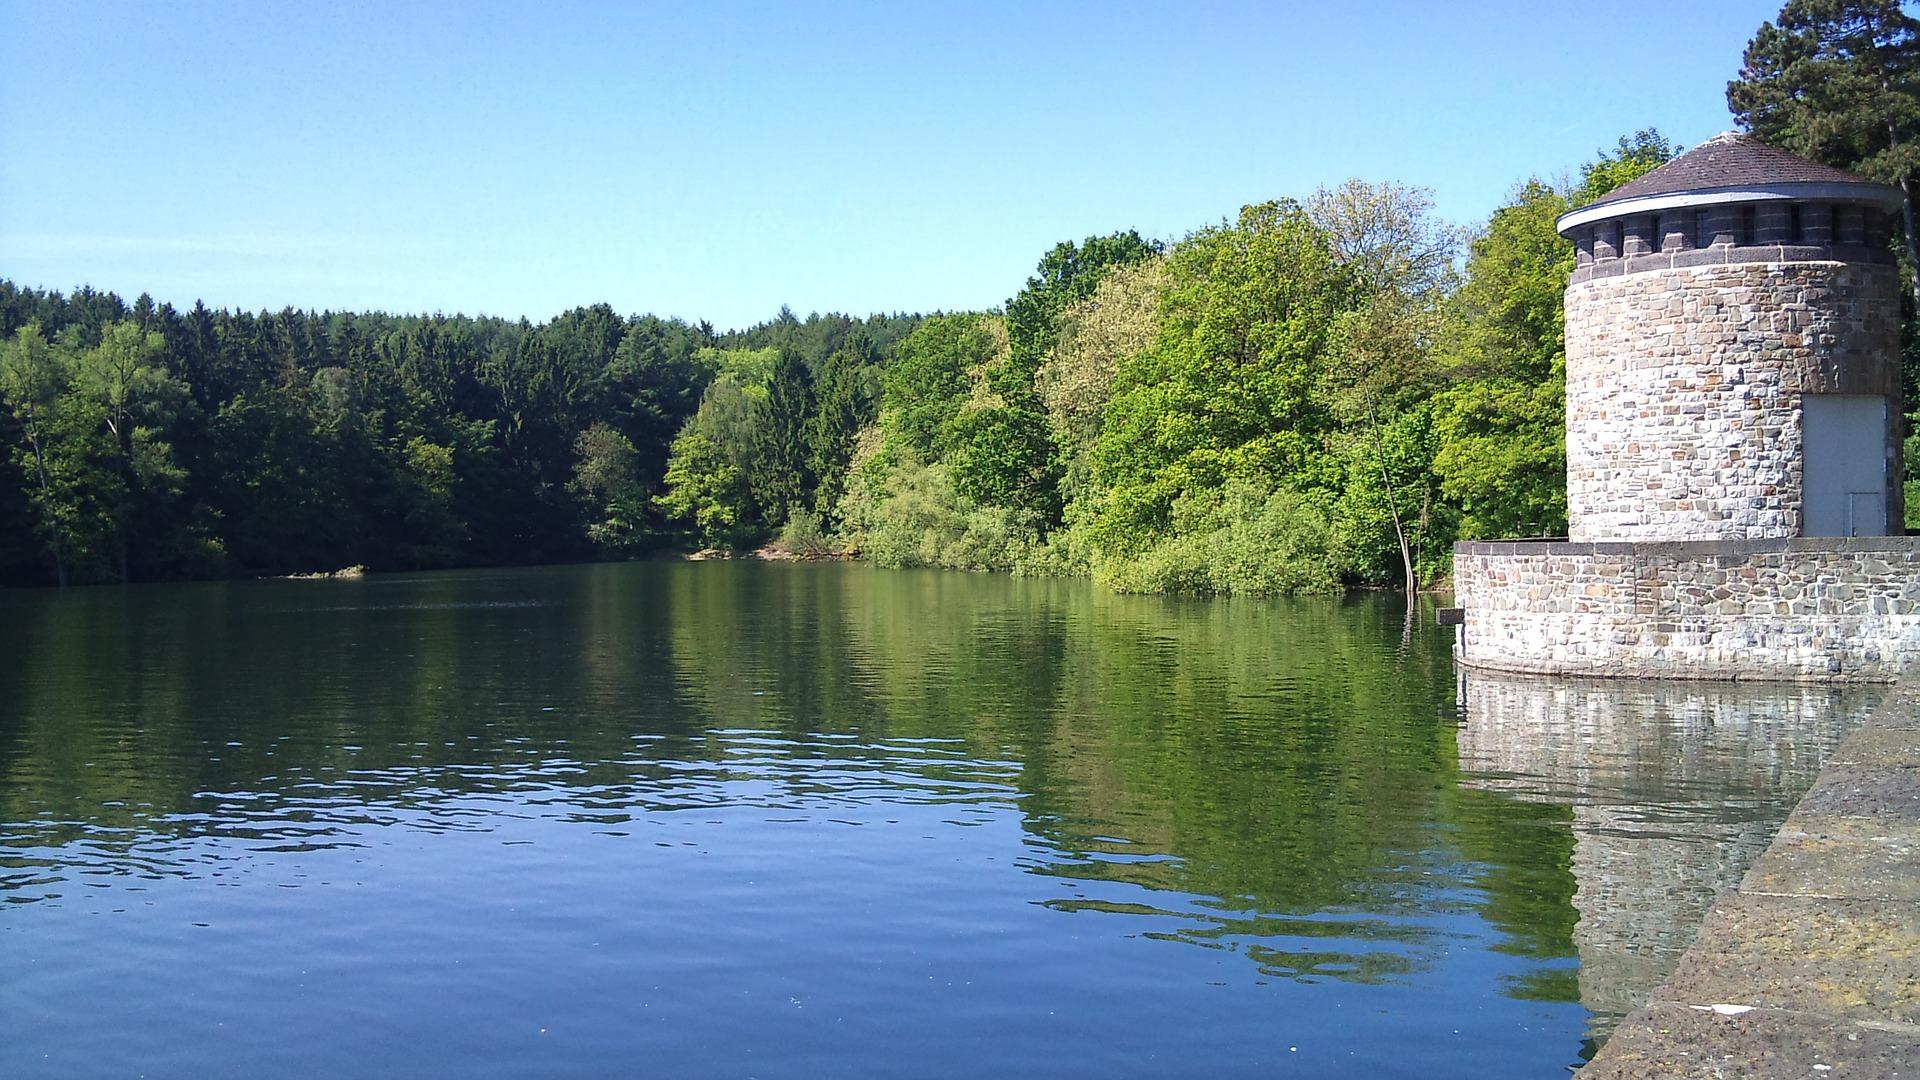 Der Möhnesee mit Wald und einem Burgturm.